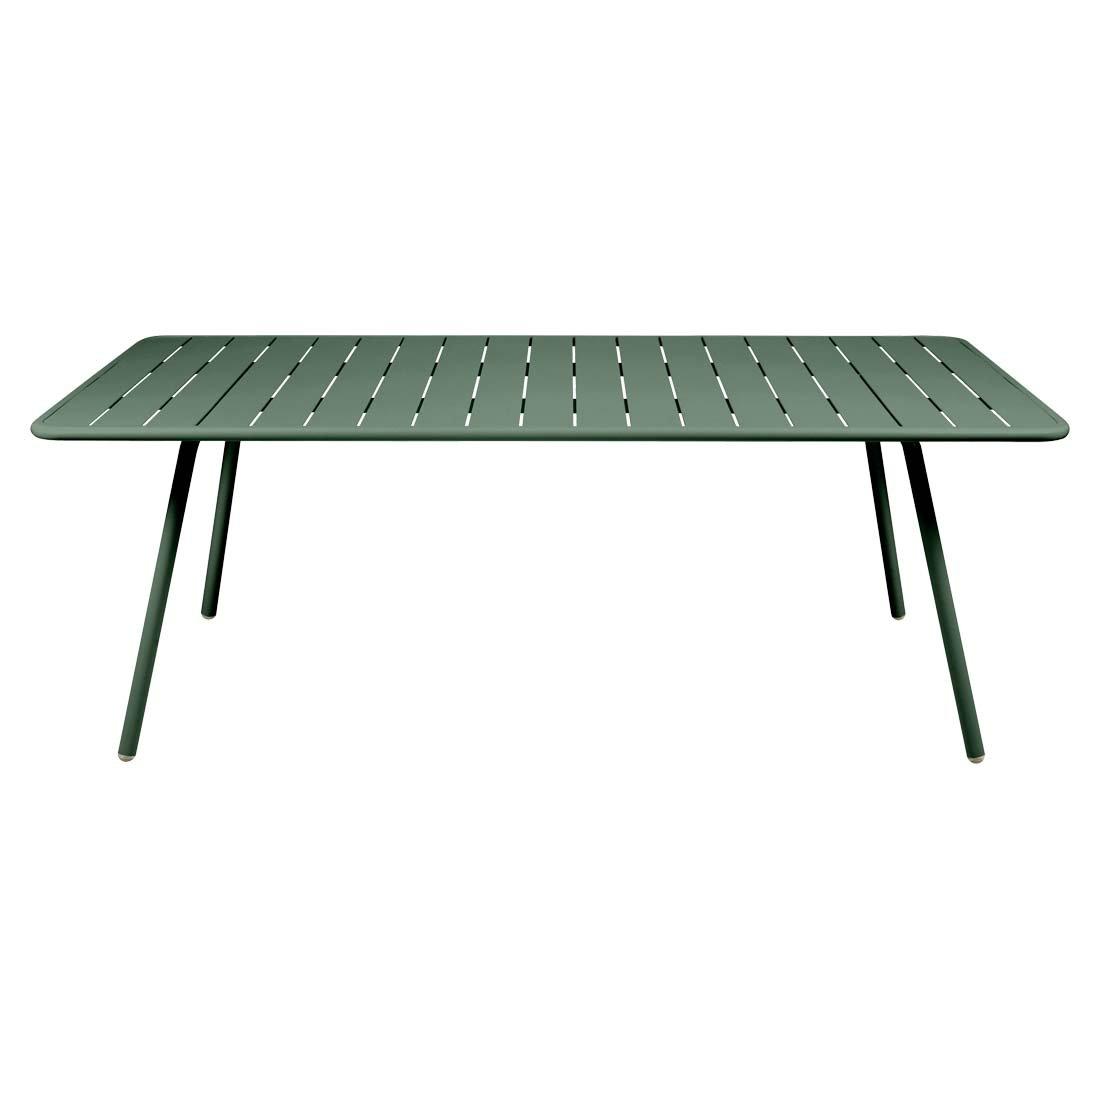 Fermob Luxembourg Table 81 X 39 Metall Esstisch Gartentisch